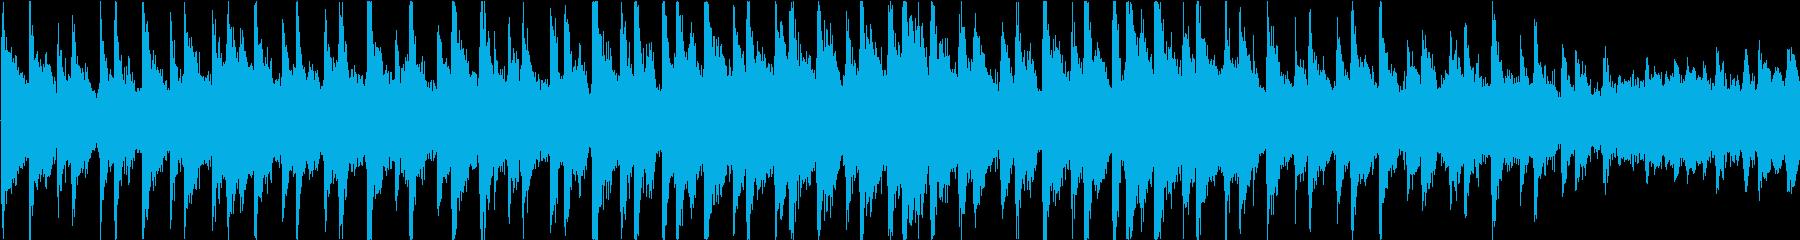 無機質でミステリアスなアンビエントの再生済みの波形